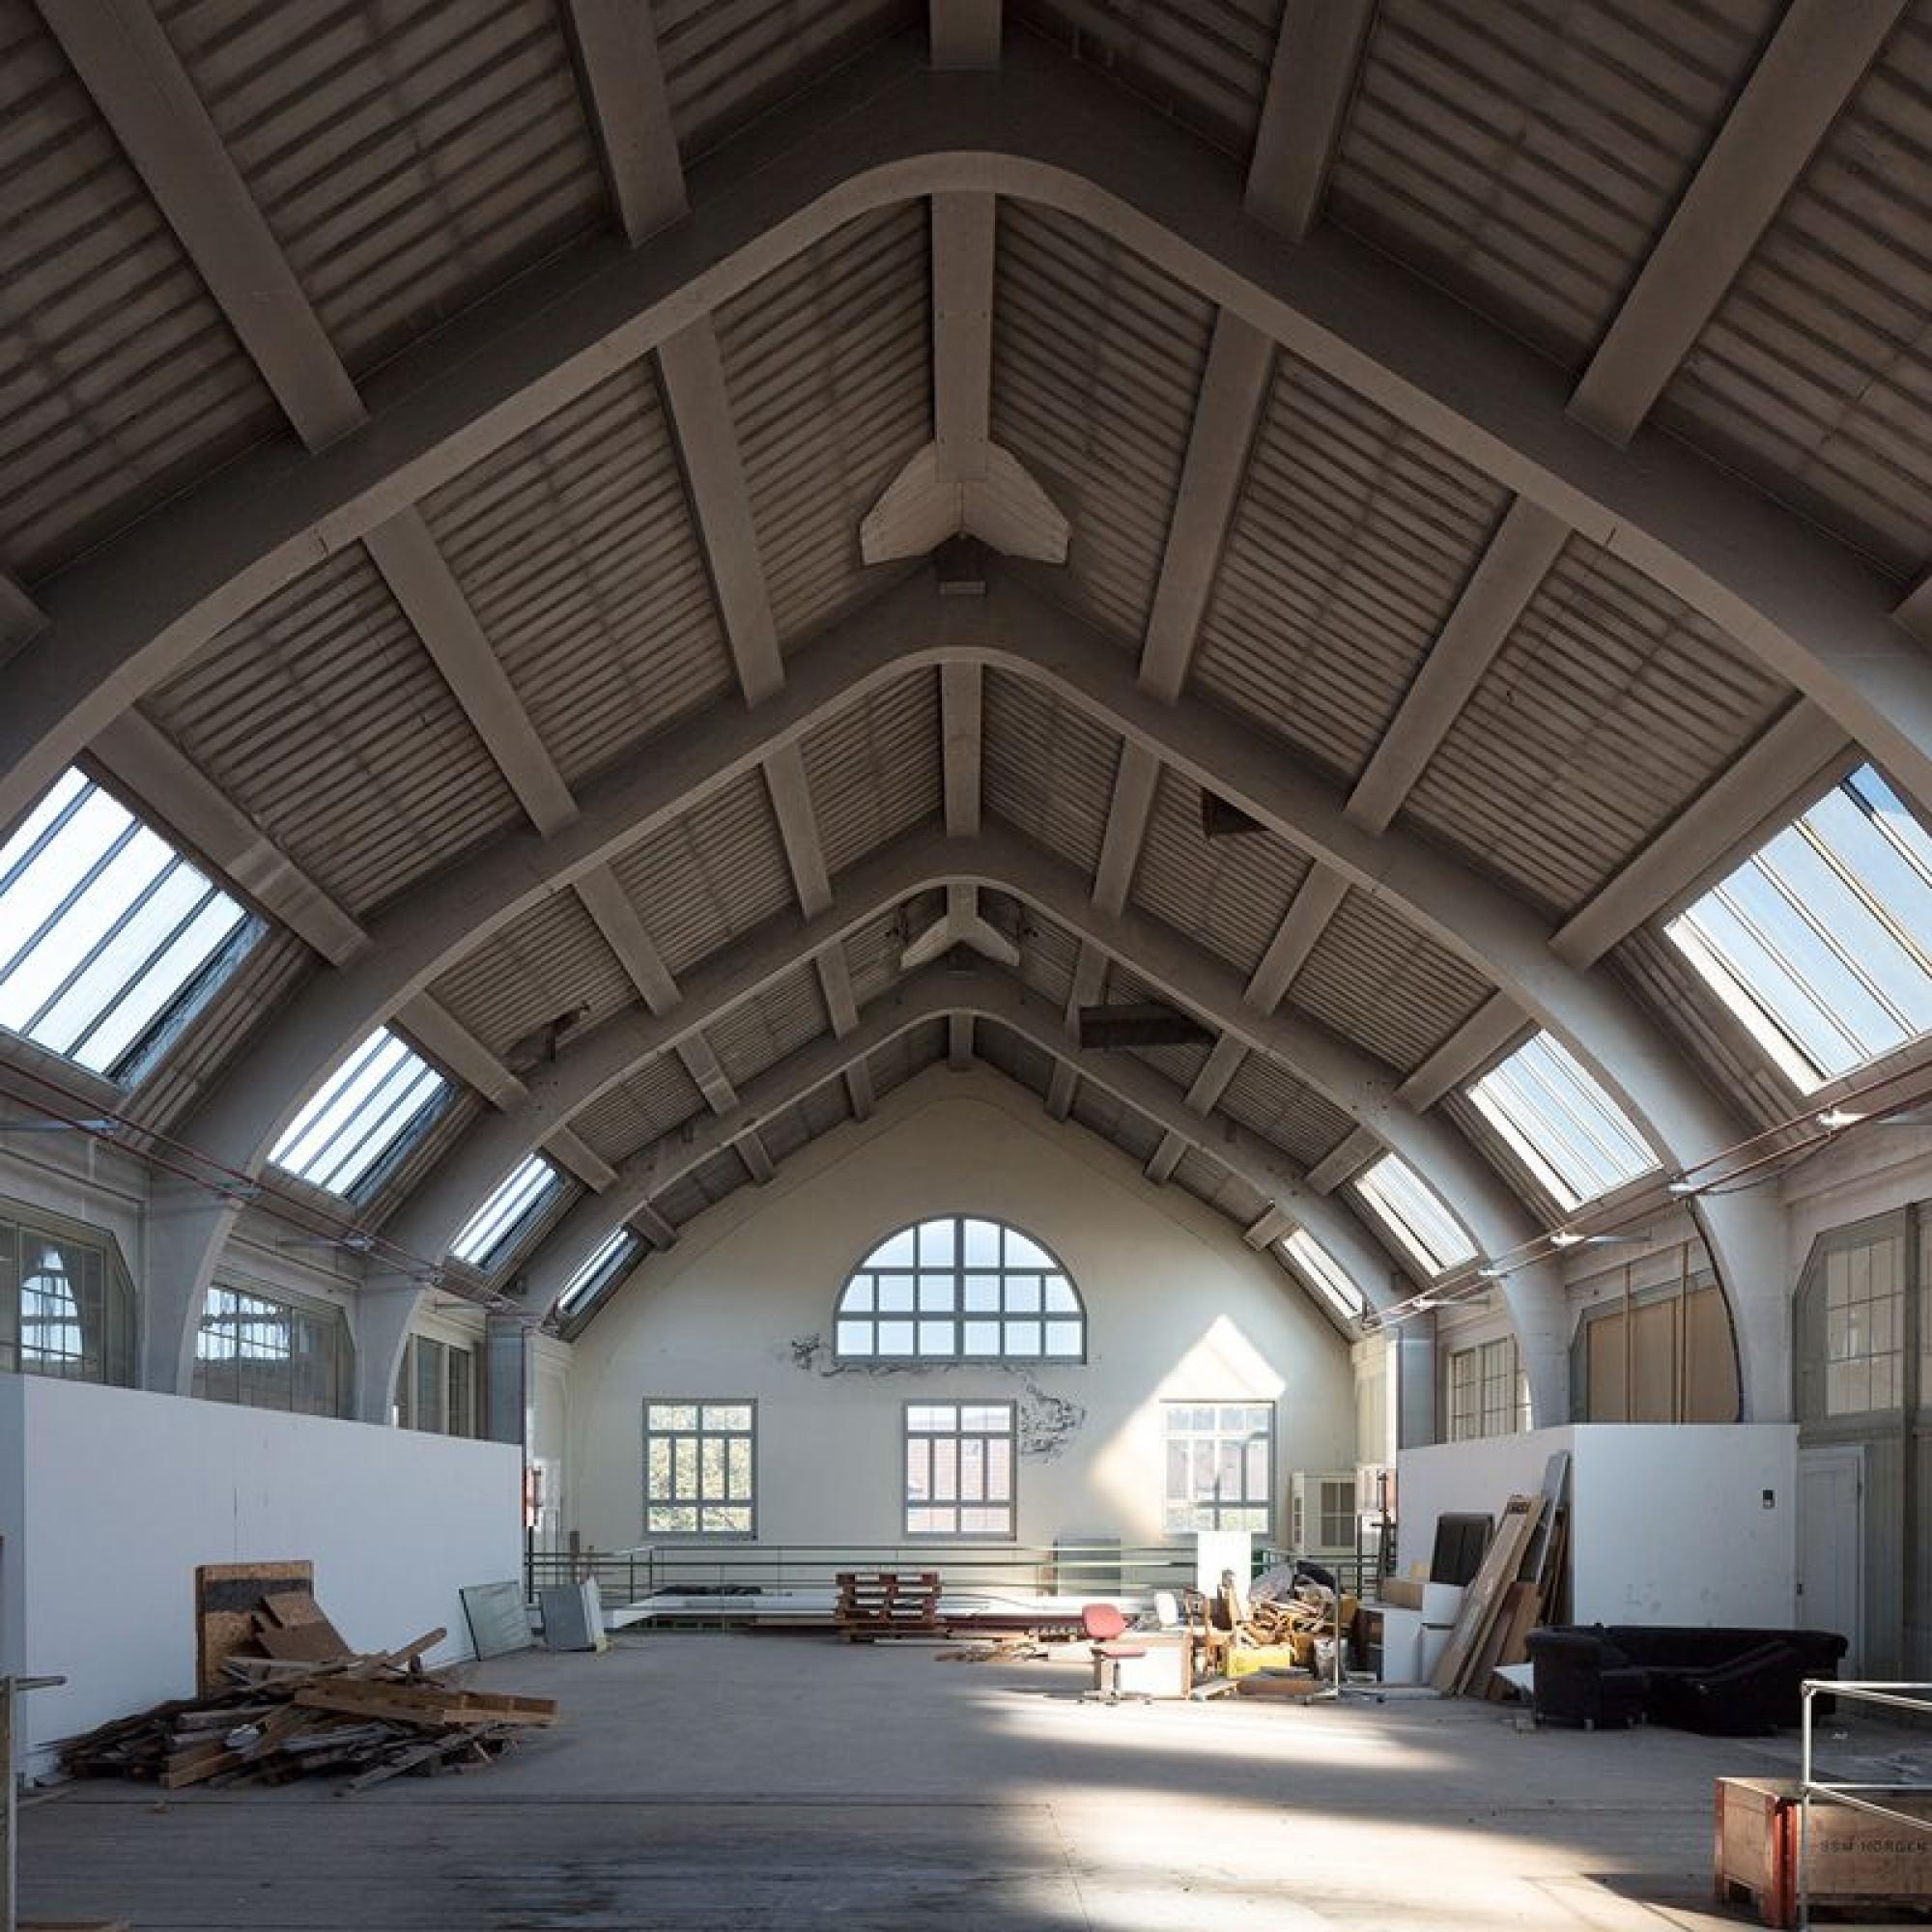 Im Betonskelettbau der Isolatorenhalle (1918) auf dem Areal der Porzellanfabrik herrscht eine fast schon sakrale Stimmung.